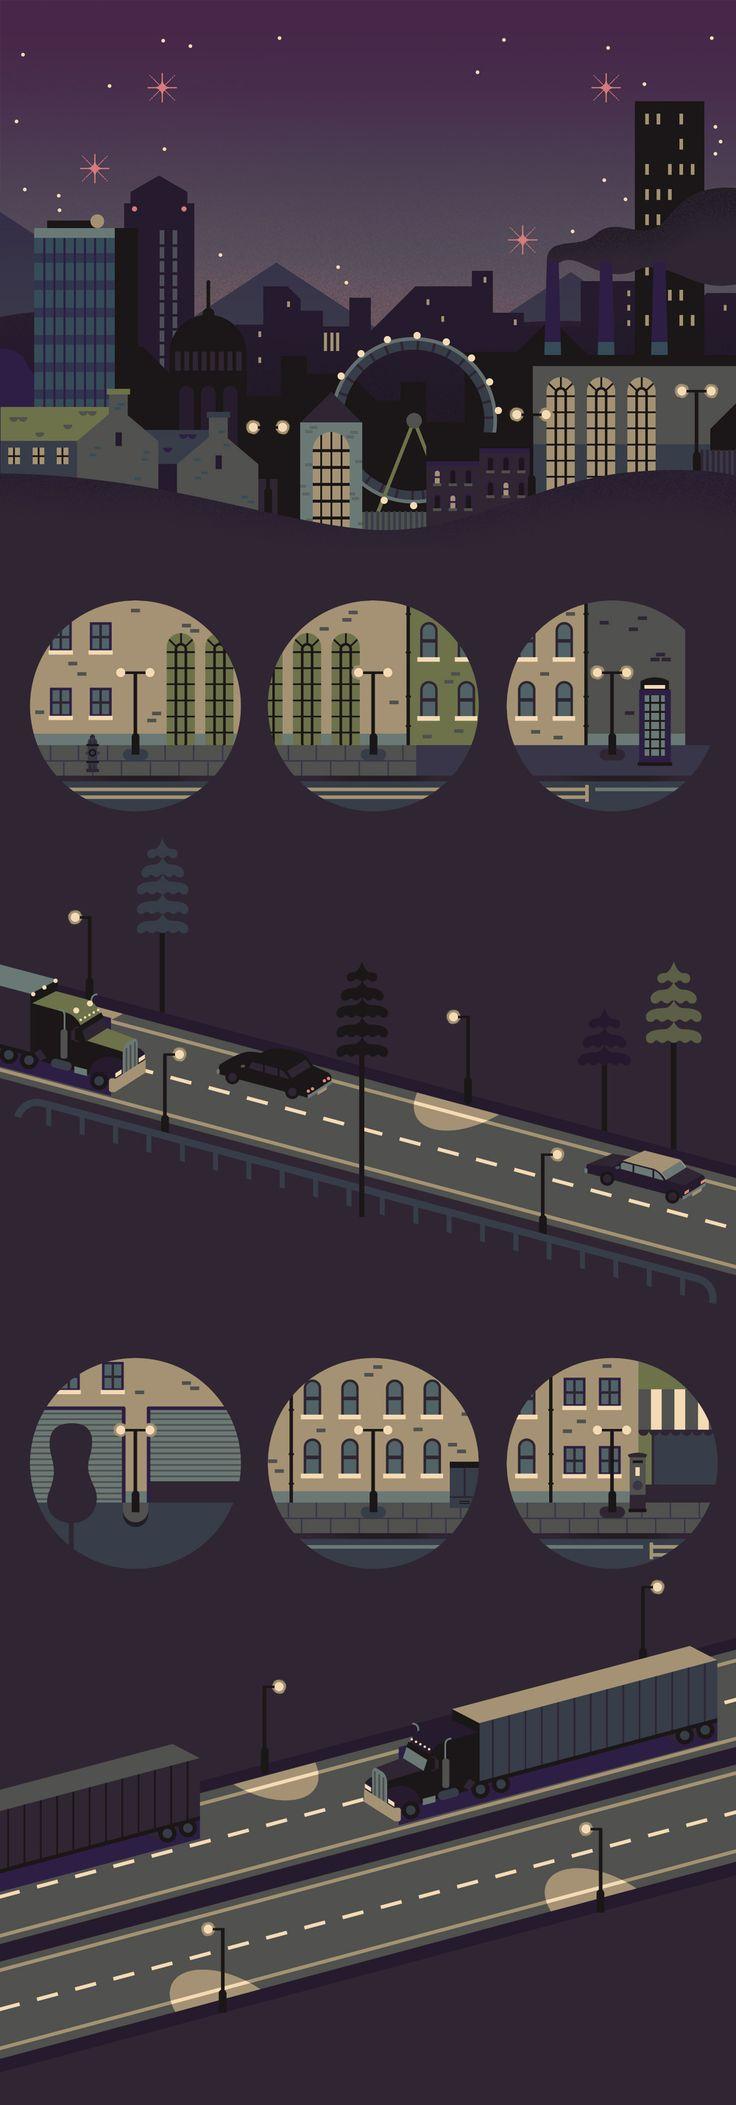 Sony - Owen Davey Illustration